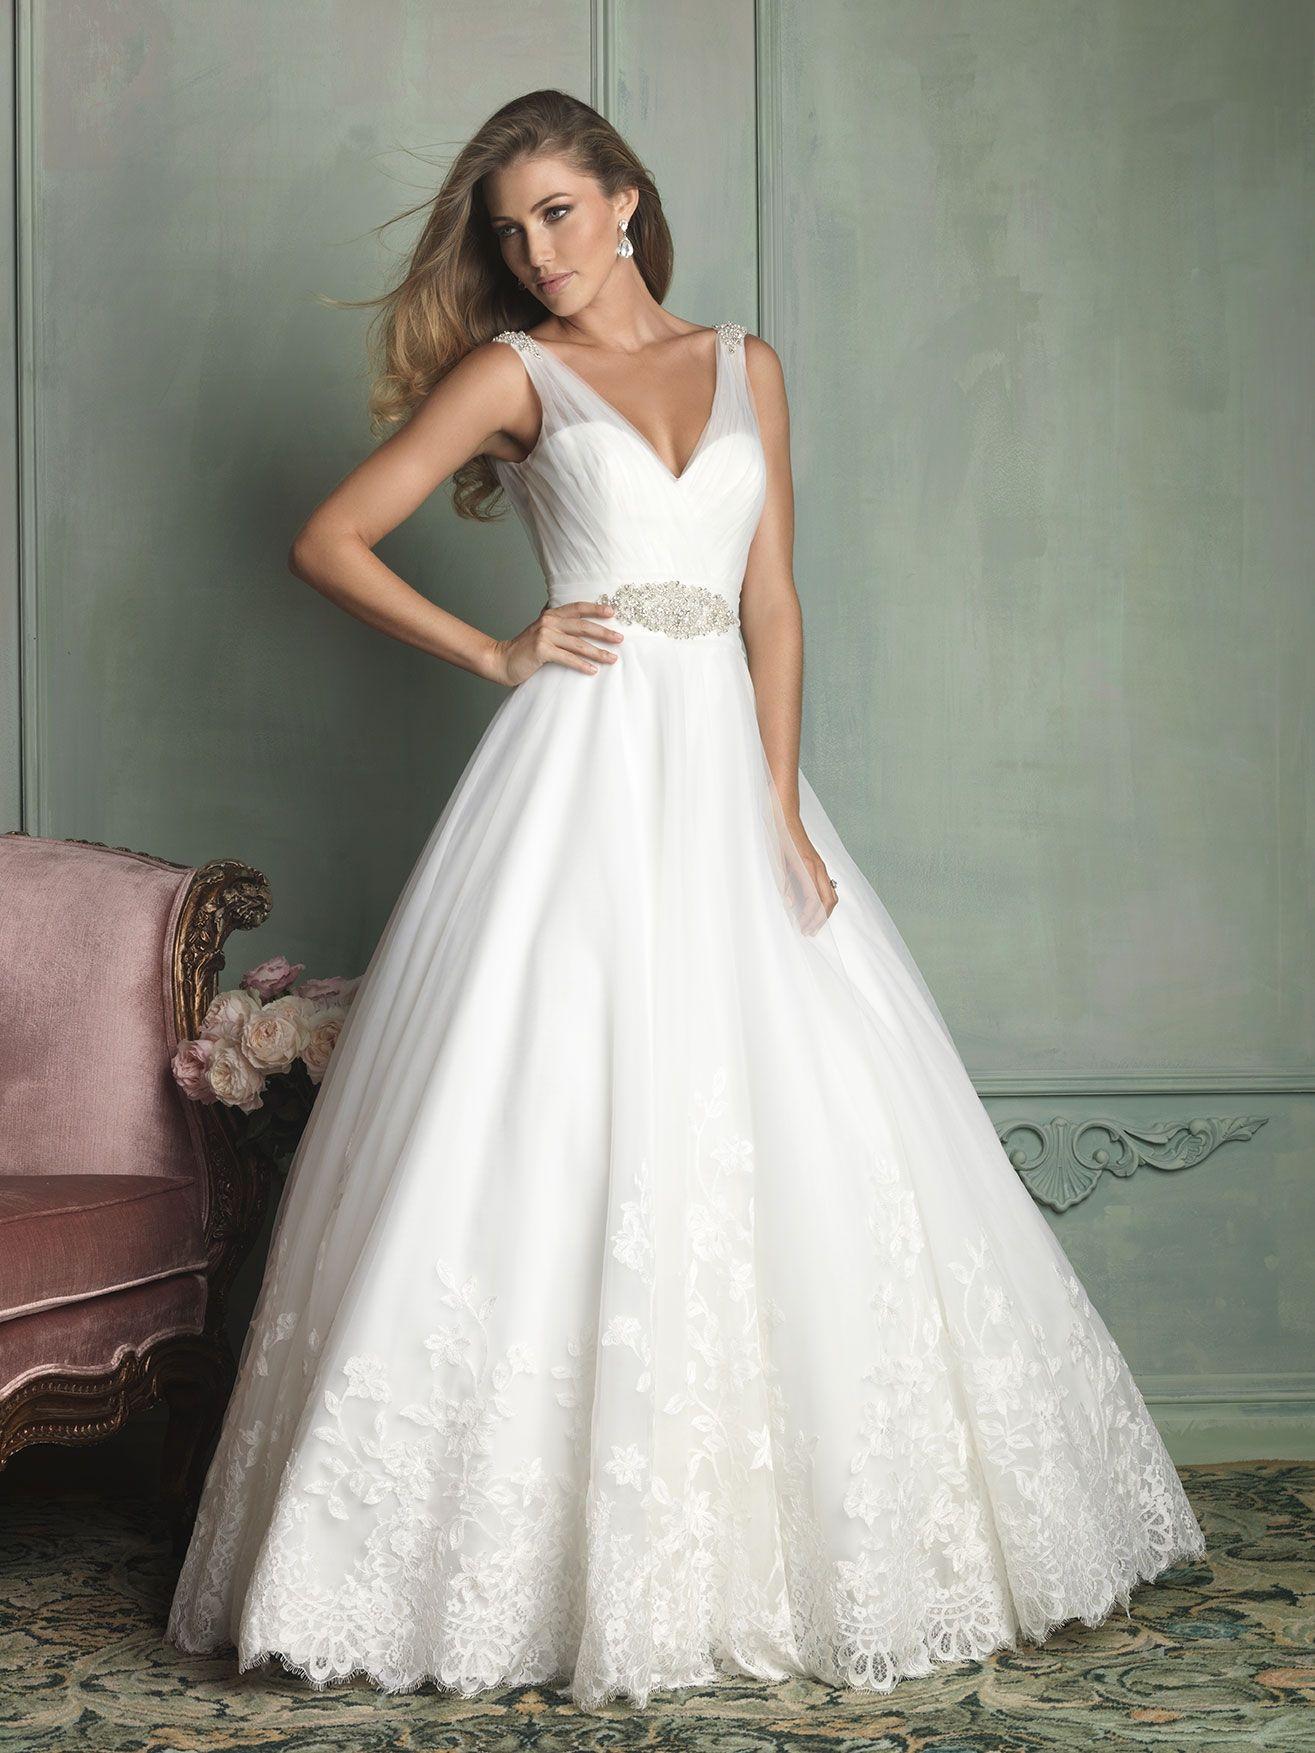 Allure bridals wedding dresses pinterest allure bridal